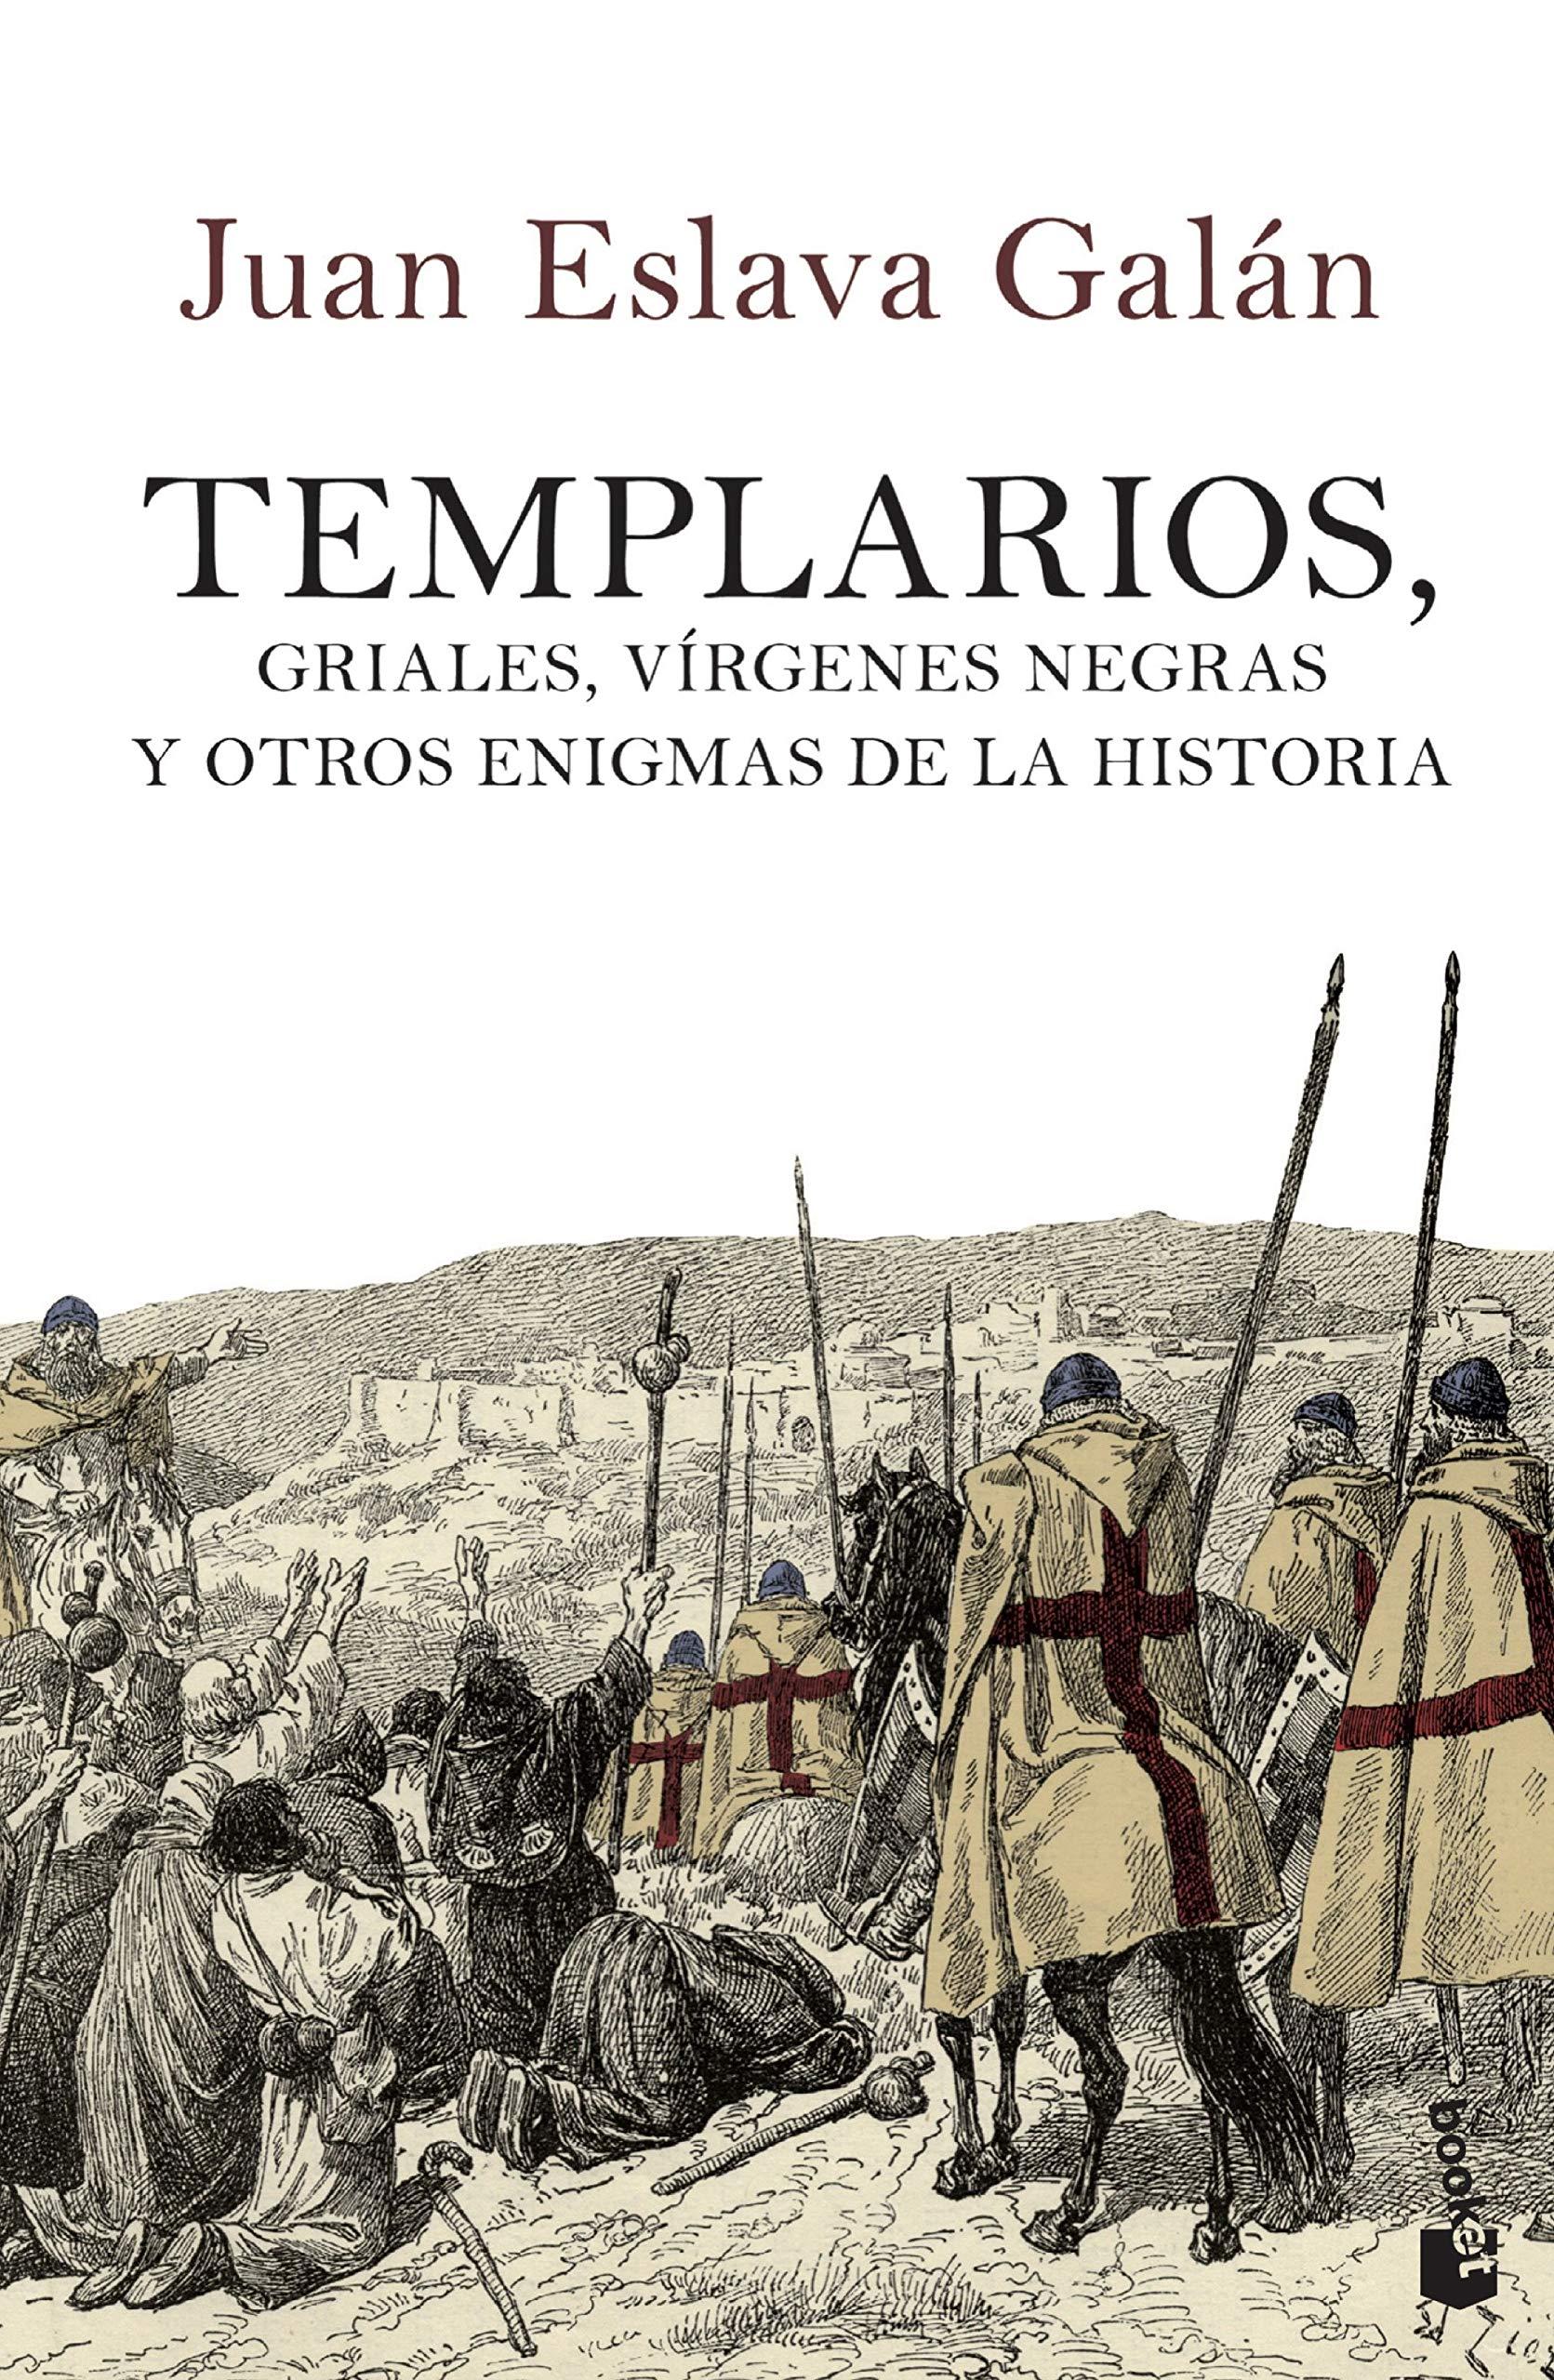 Templarios, griales, vírgenes negras y otros enigmas de la Historia Divulgación: Amazon.es: Eslava Galán, Juan: Libros